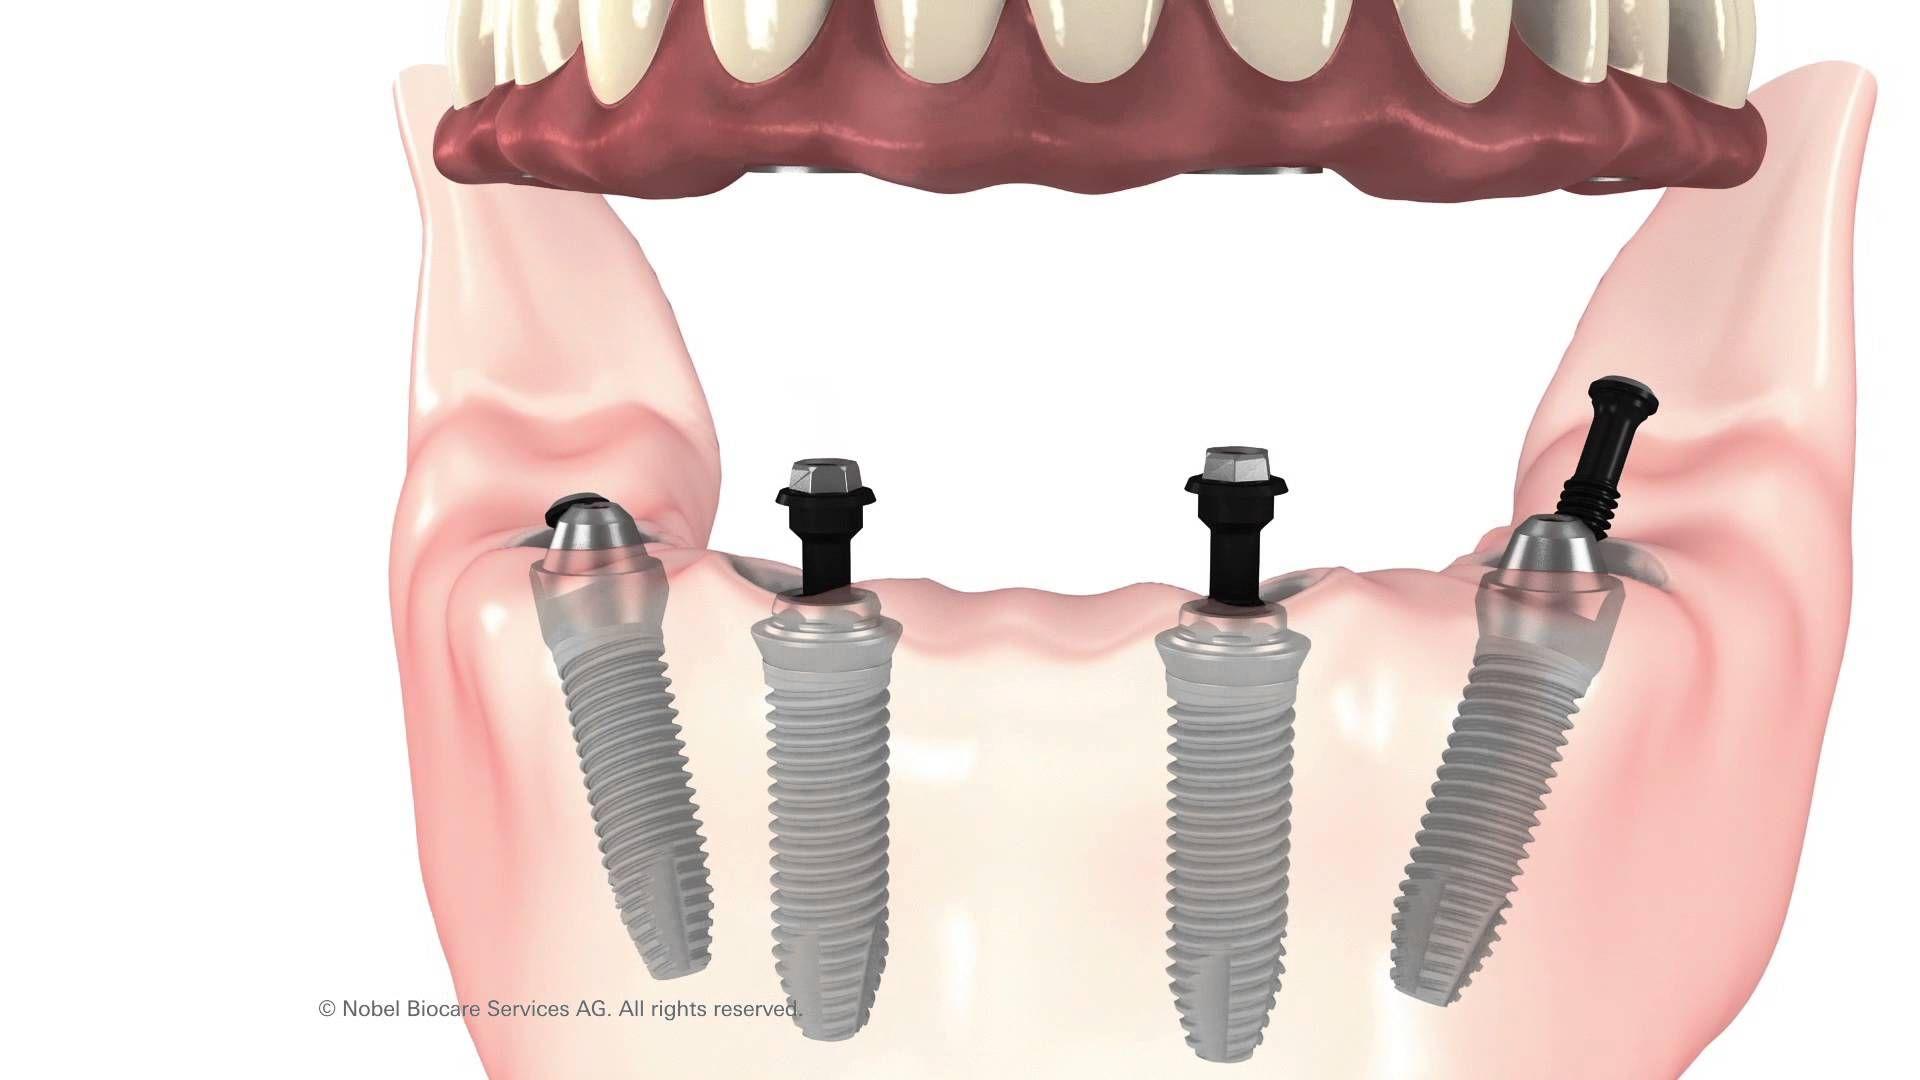 All on 4 dental implants cleveland secure loose dentures